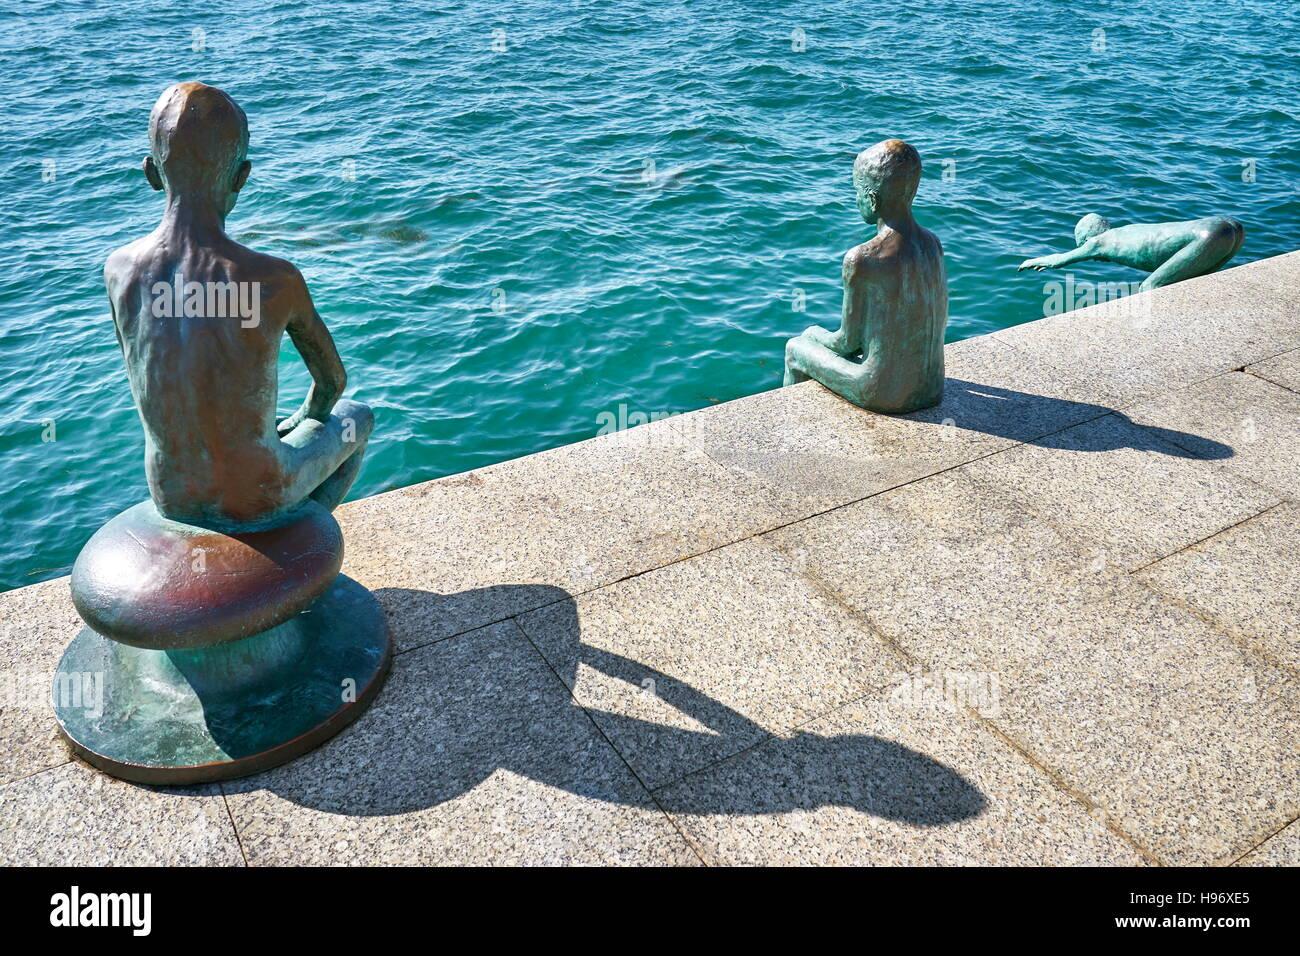 Los Raqueros sculpture, Santander, Cantabria, Spain - Stock Image